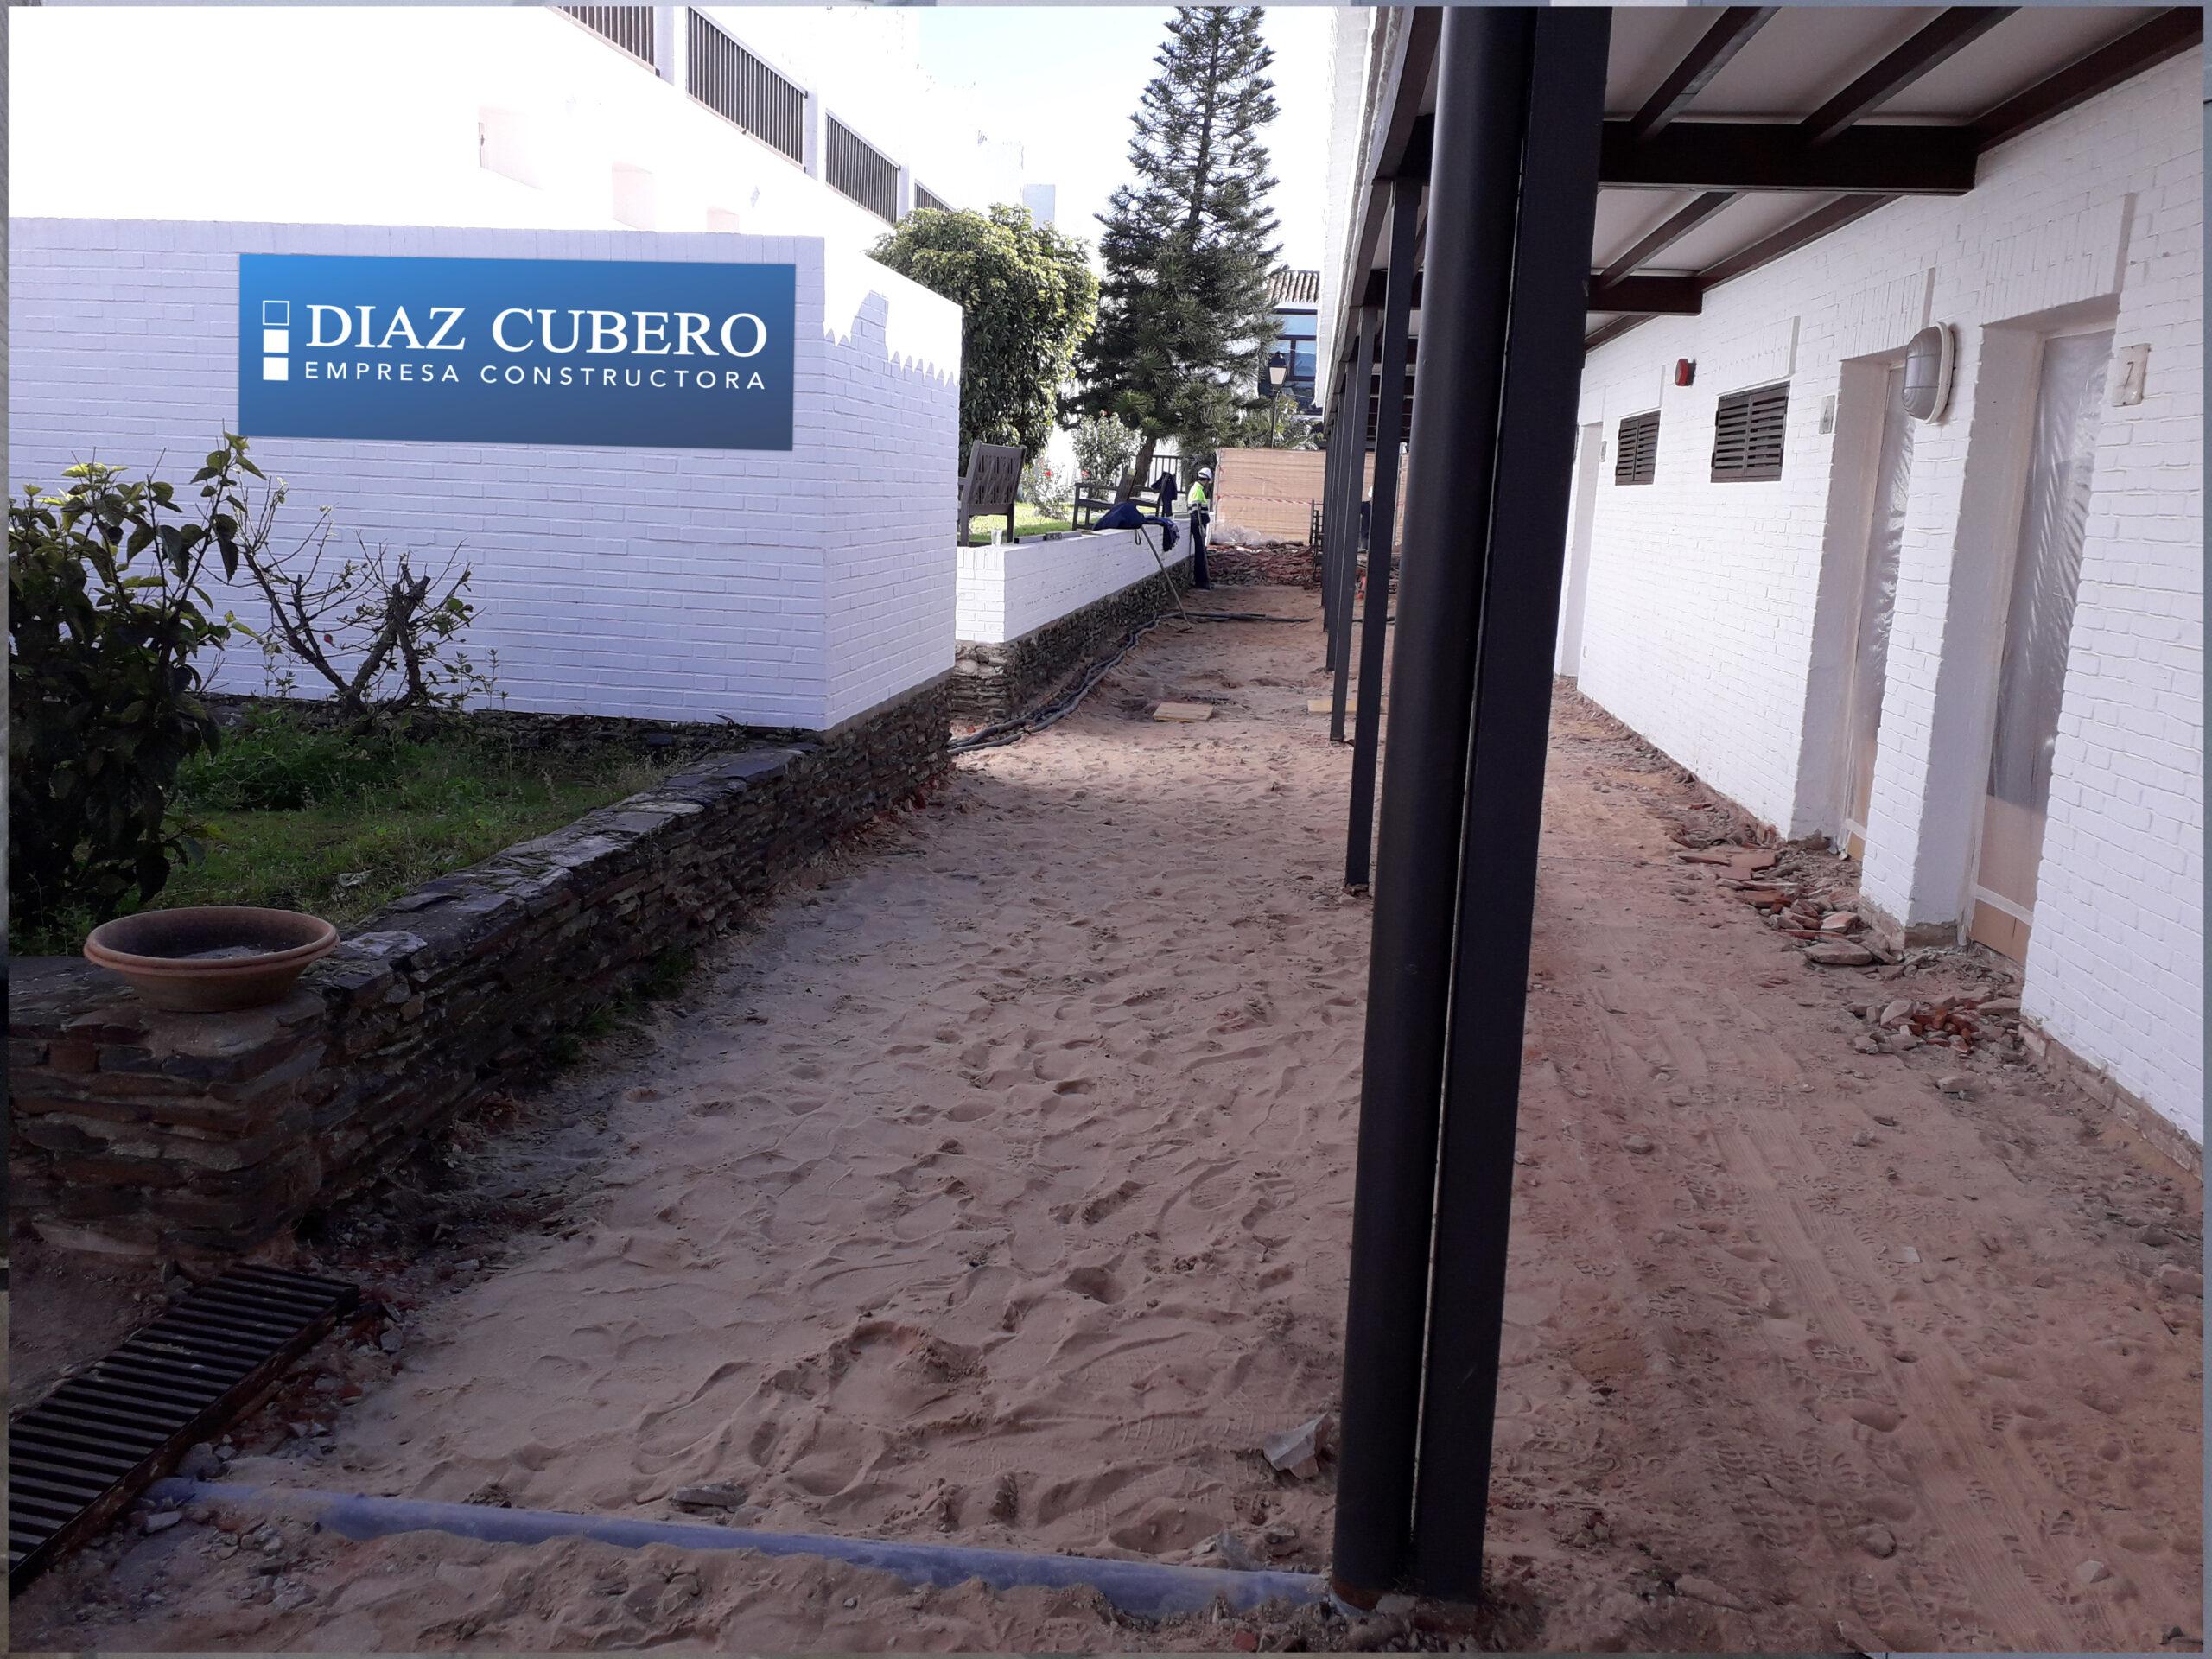 Parador Mazagón Díaz Cubero